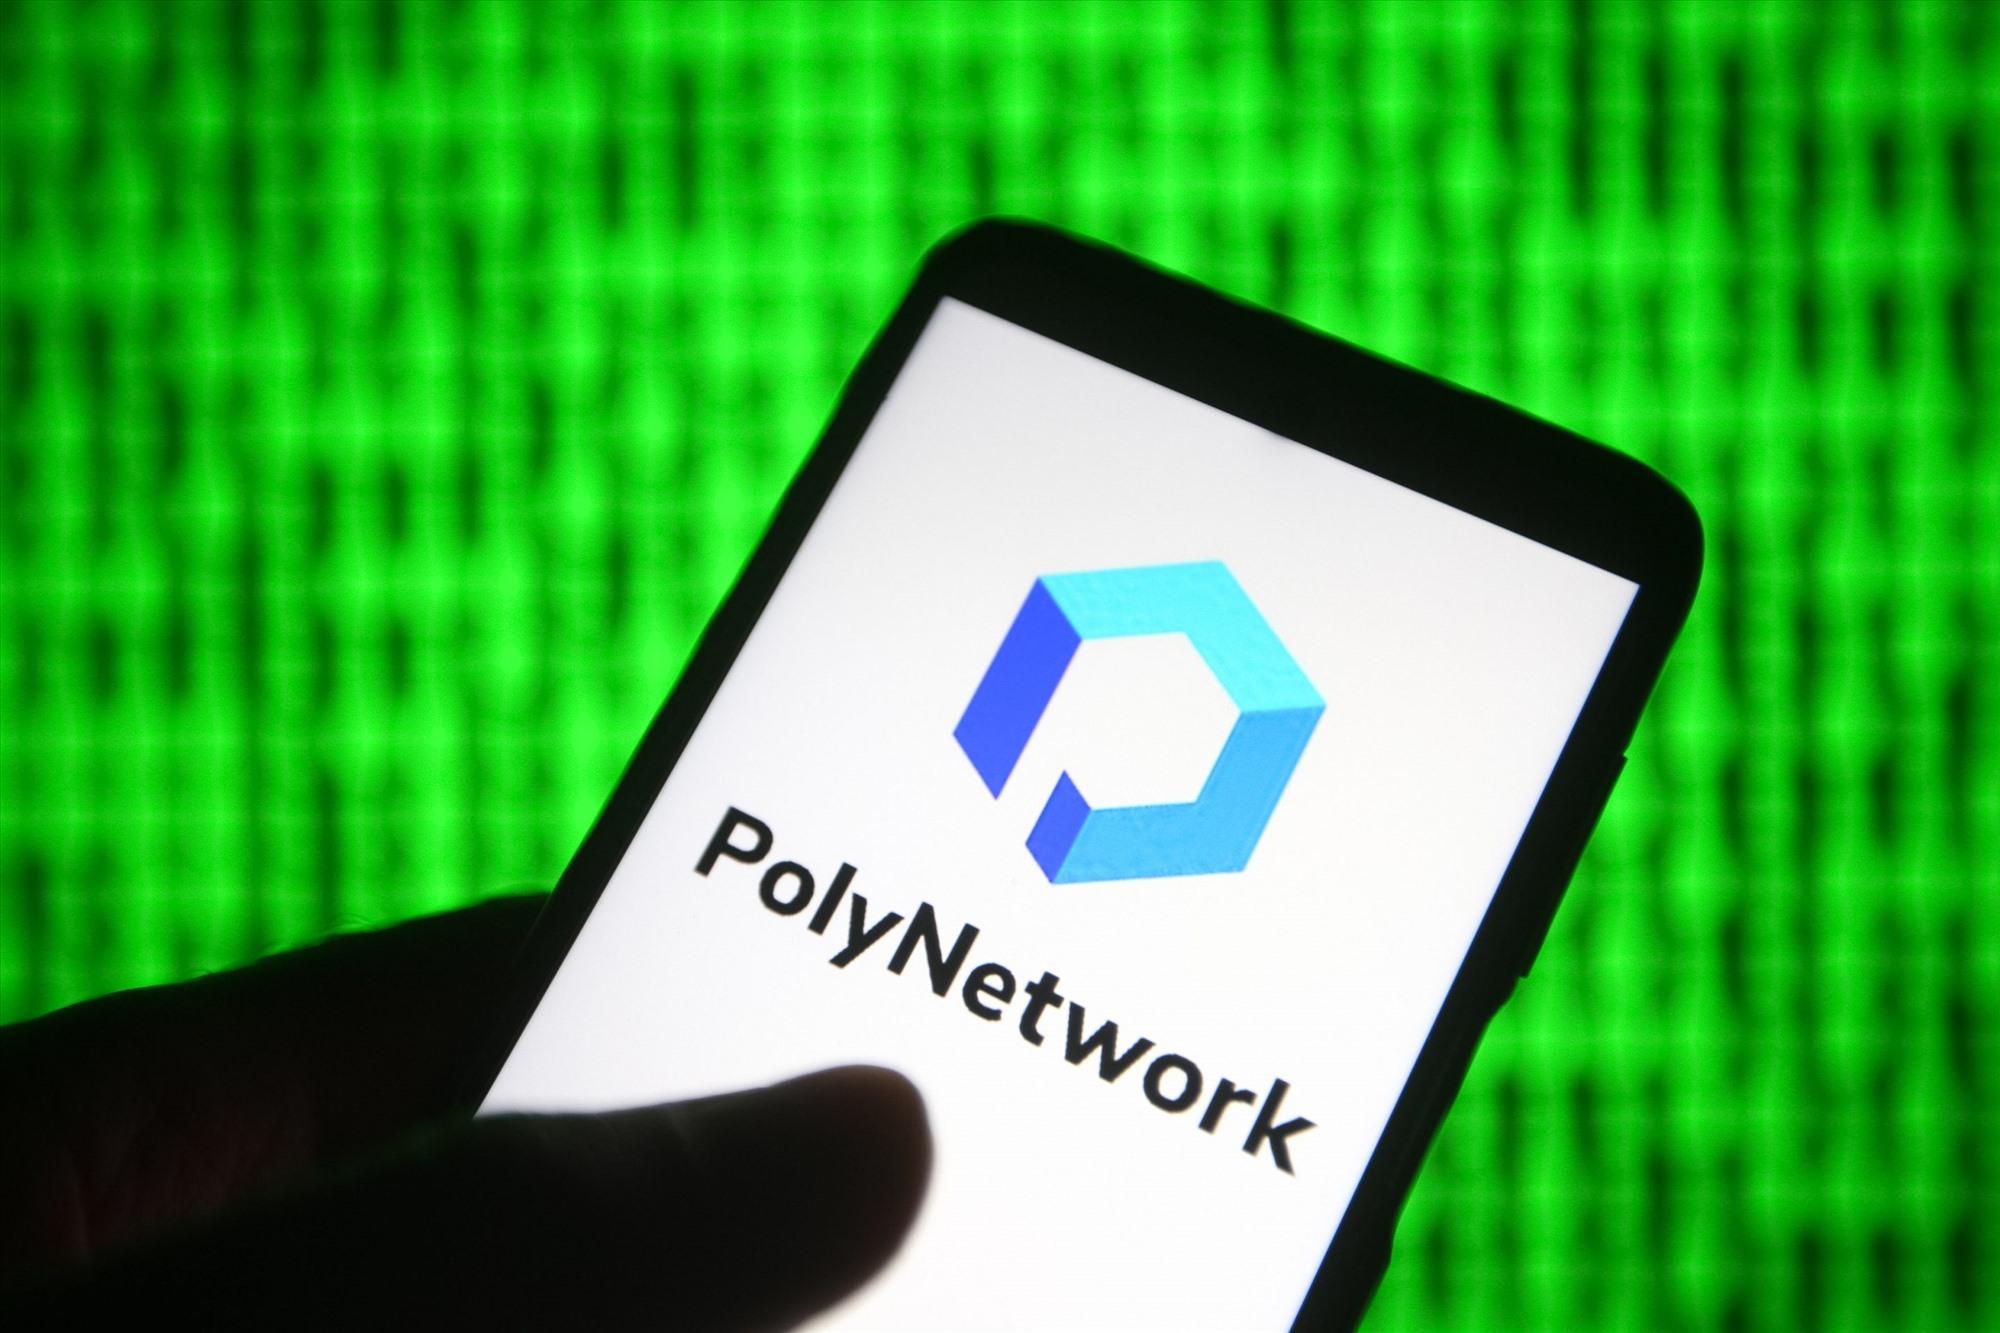 """Hacker trả lại tiền cho Poly Network và tuyên bố """"không quan tâm đến tiền"""". Ảnh: Getty Images"""